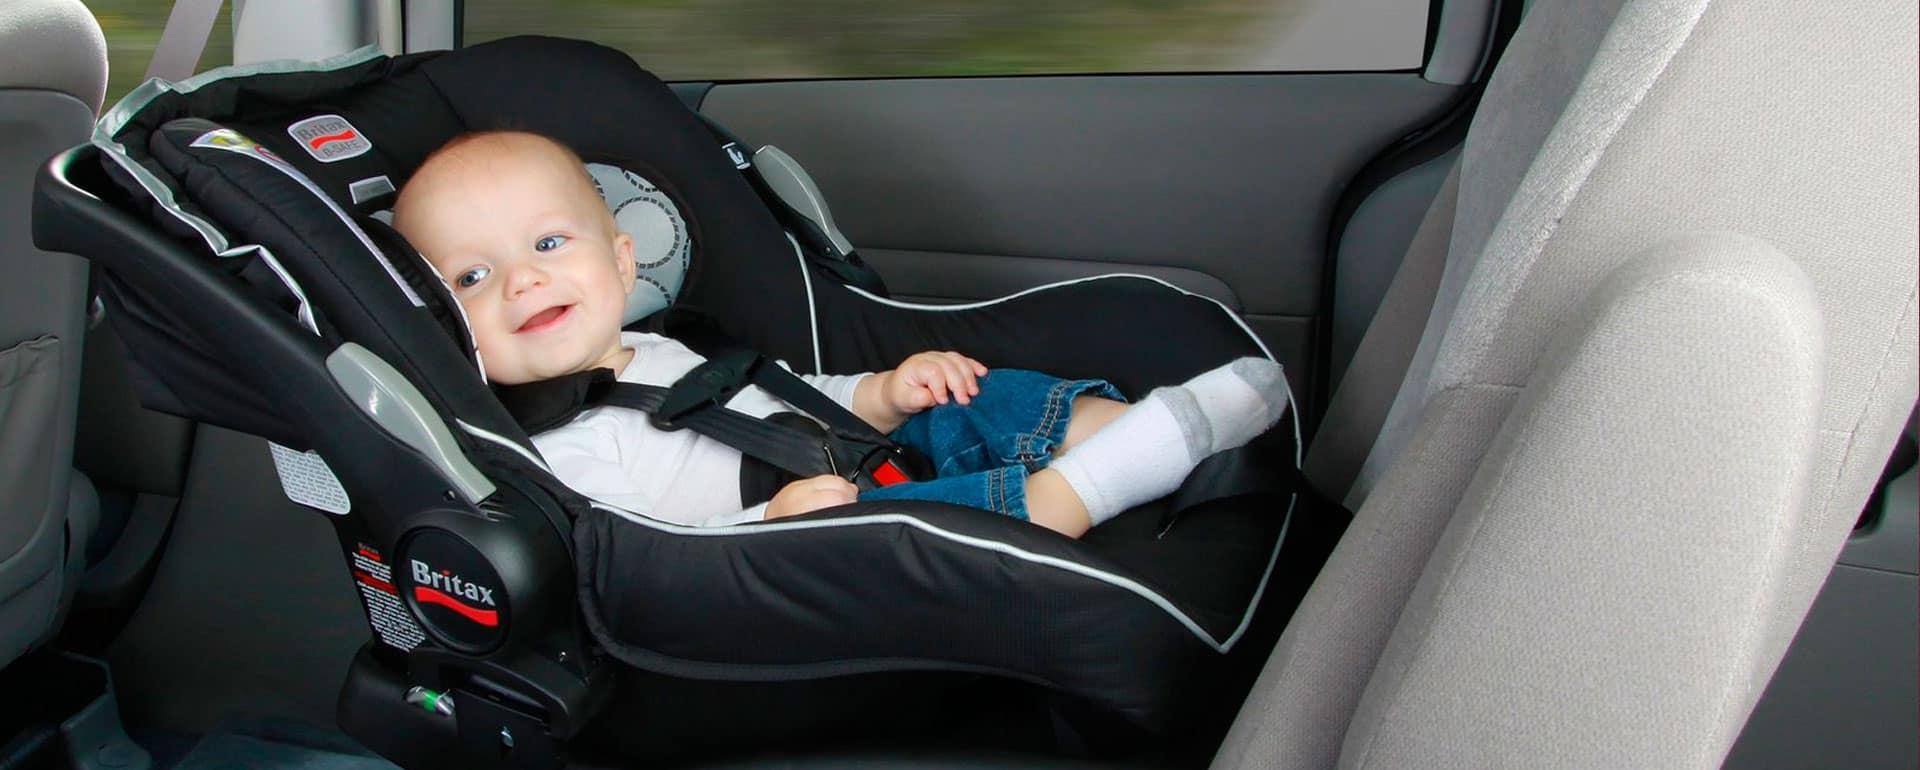 bebé en una silla de coche para bebé